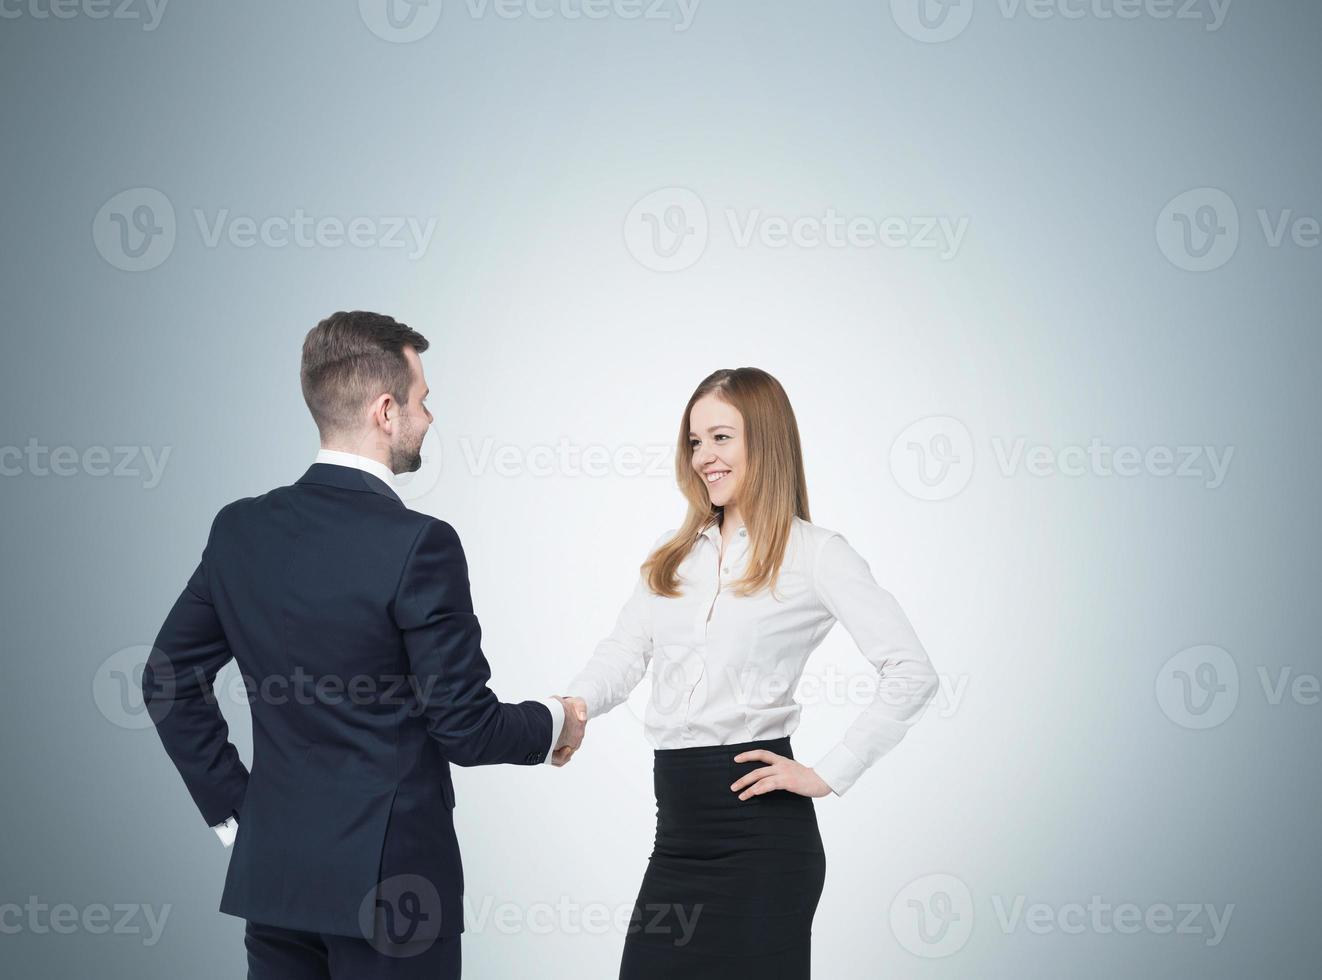 unga par på affärsmötet. foto